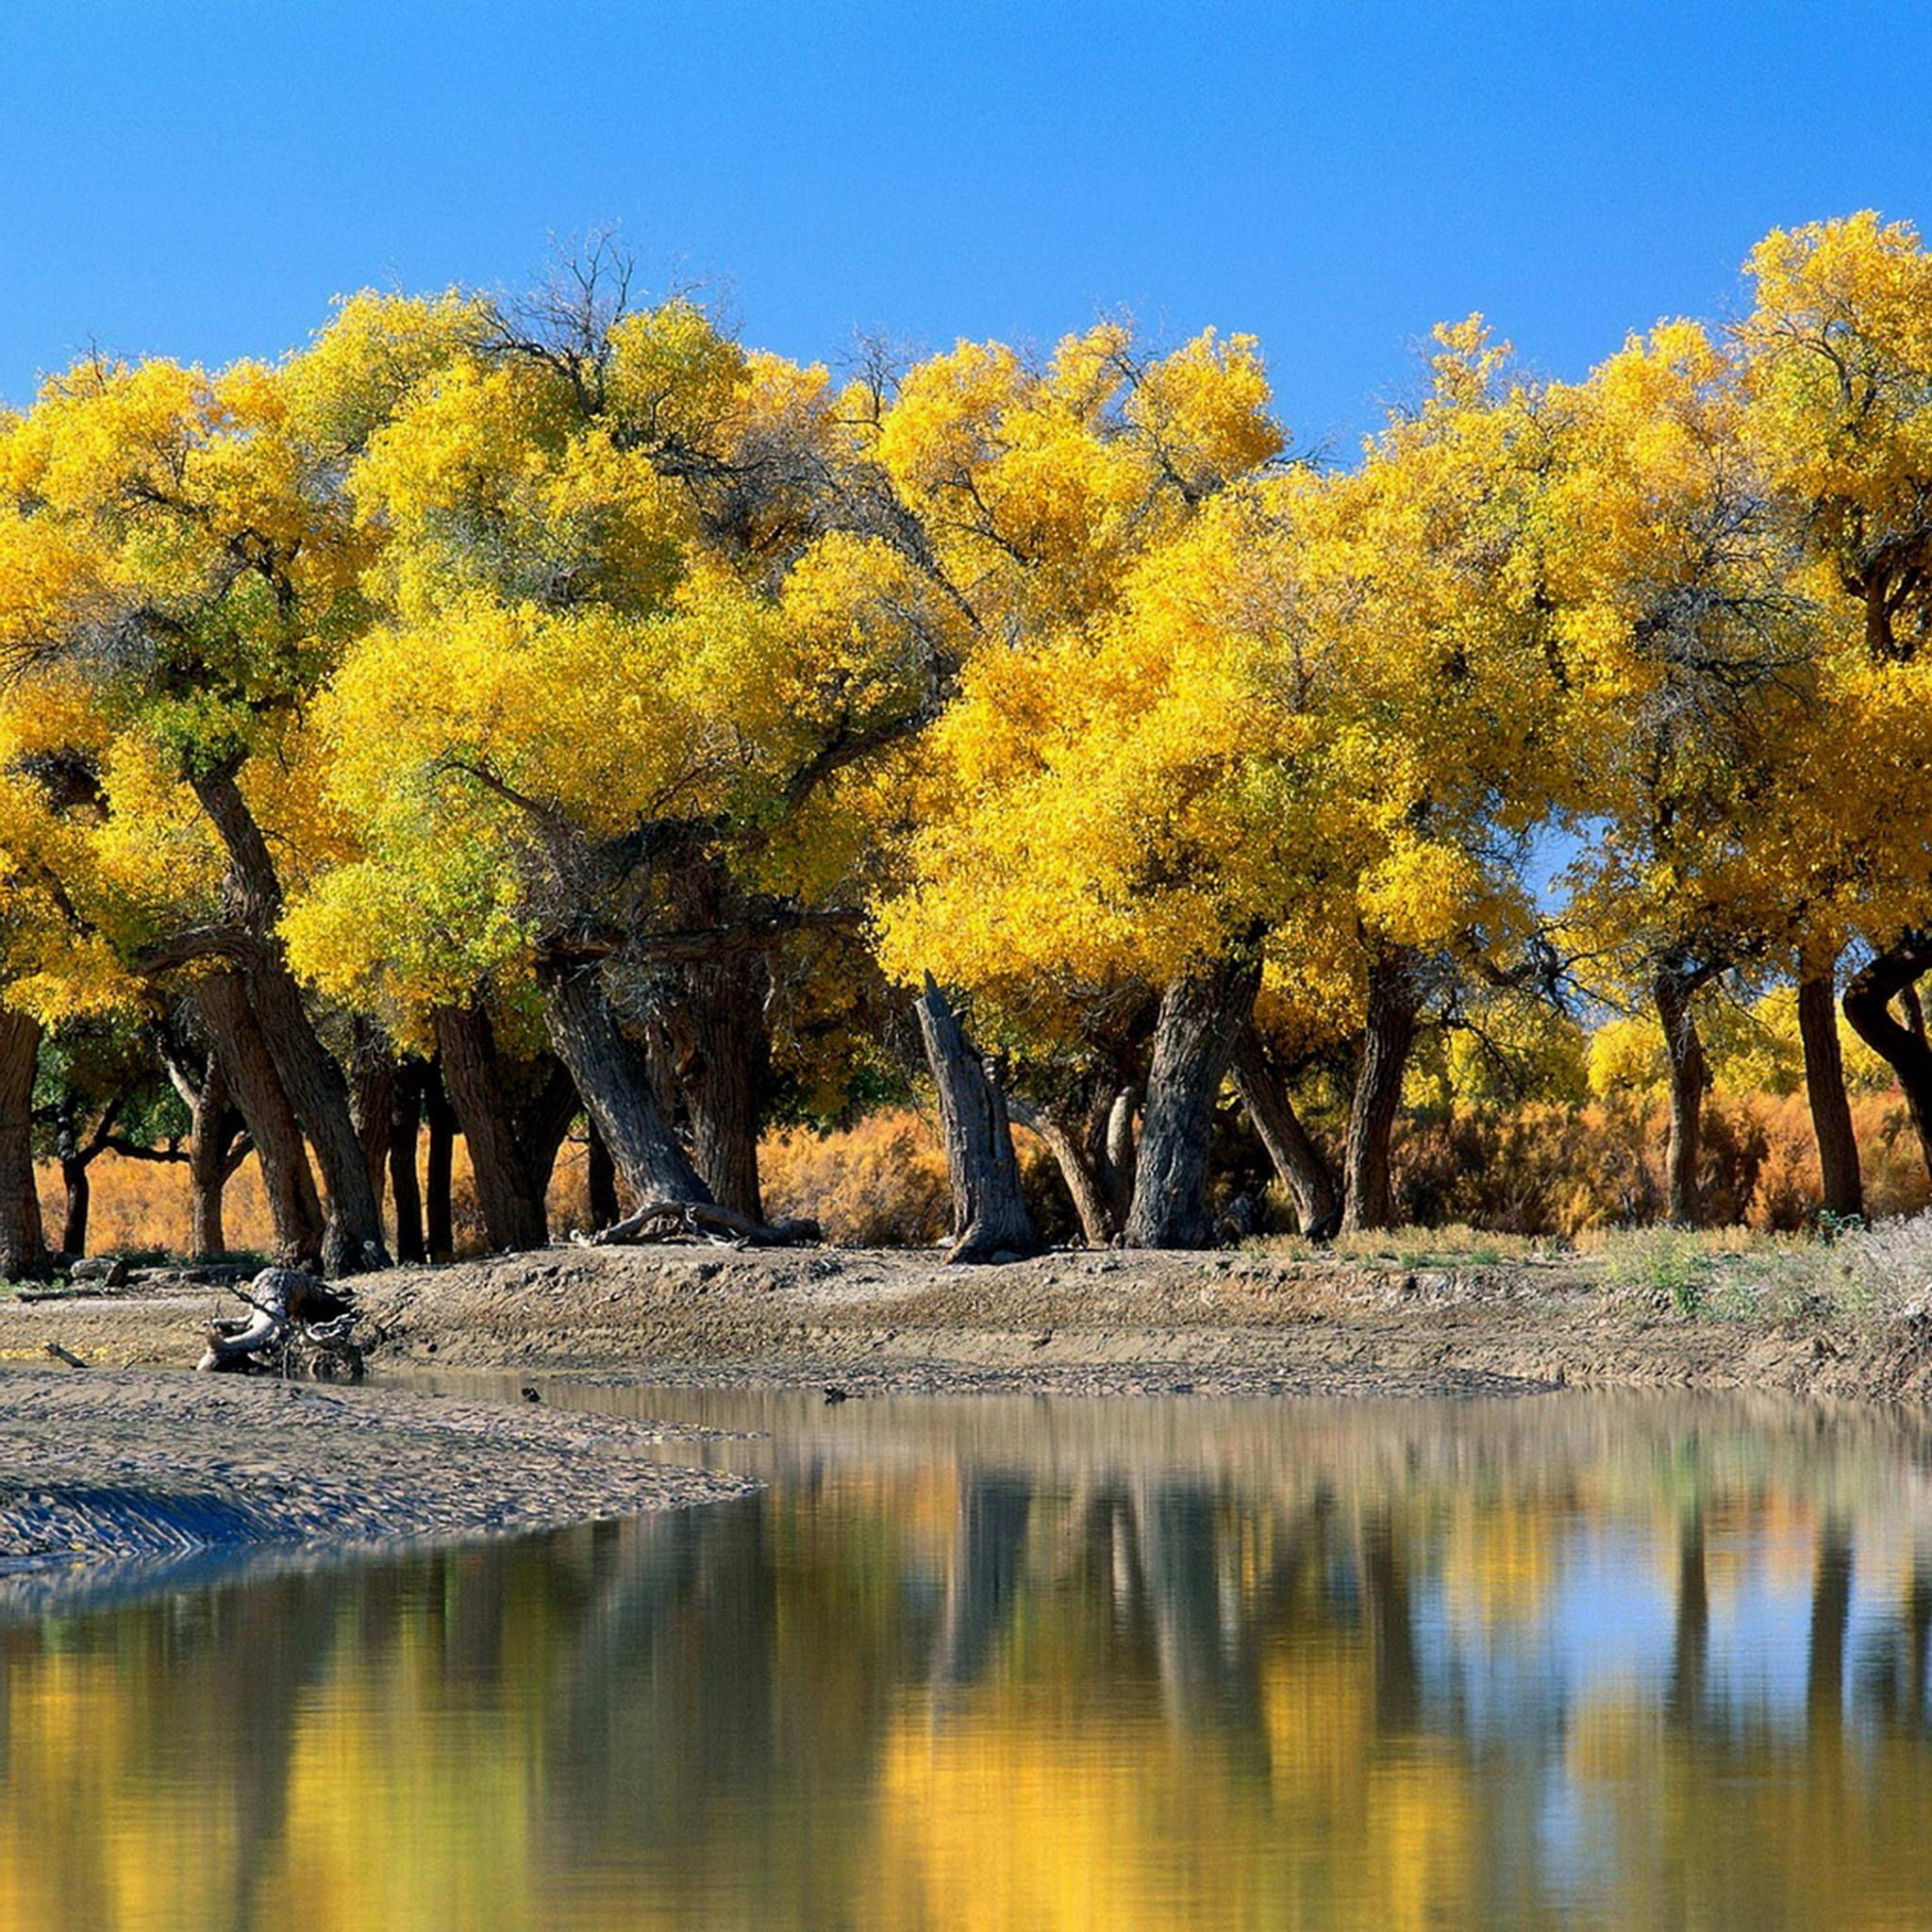 Autunno sfondi 48 immagini for Sfondi autunno hd